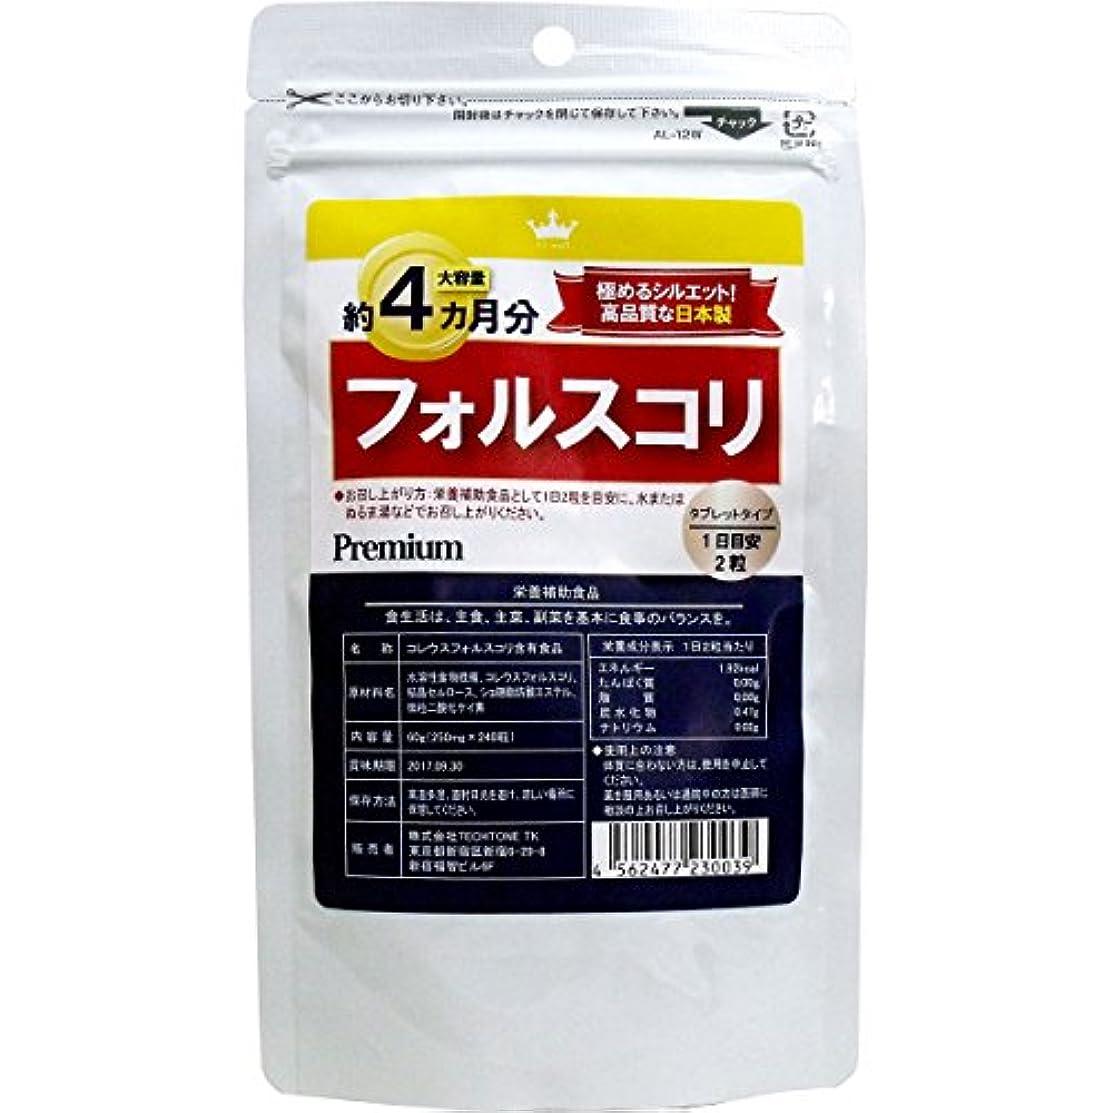 腫瘍予測する密接にサプリメント 高品質な日本製 健康食品 フォルスコリ 約4カ月分 240粒入【4個セット】